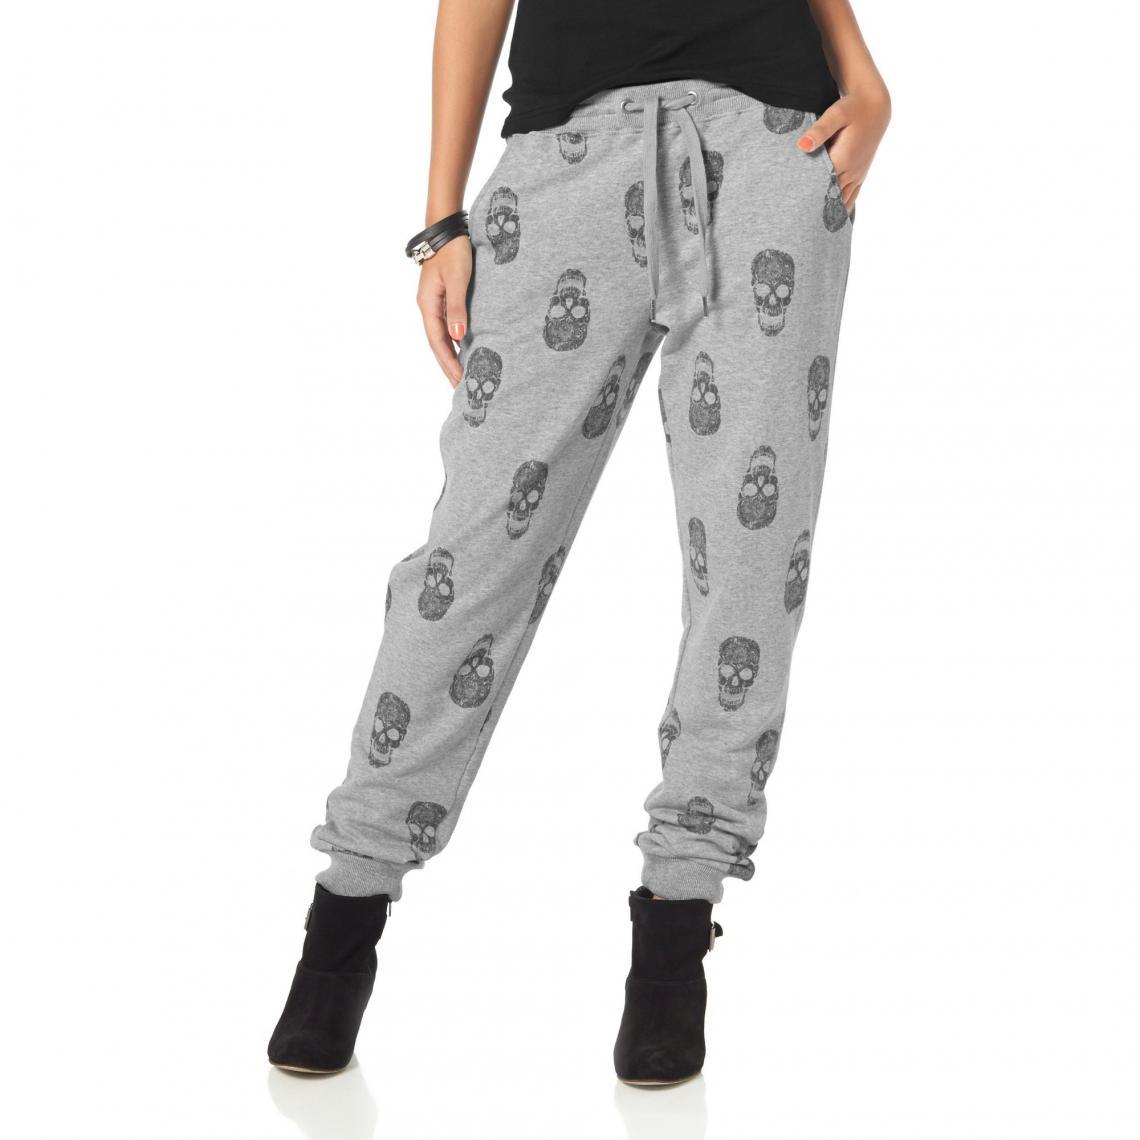 8fa6dcaa240 Pantalon jogging femme en molleton imprimé têtes de mort AJC - Gris AJC  Femme